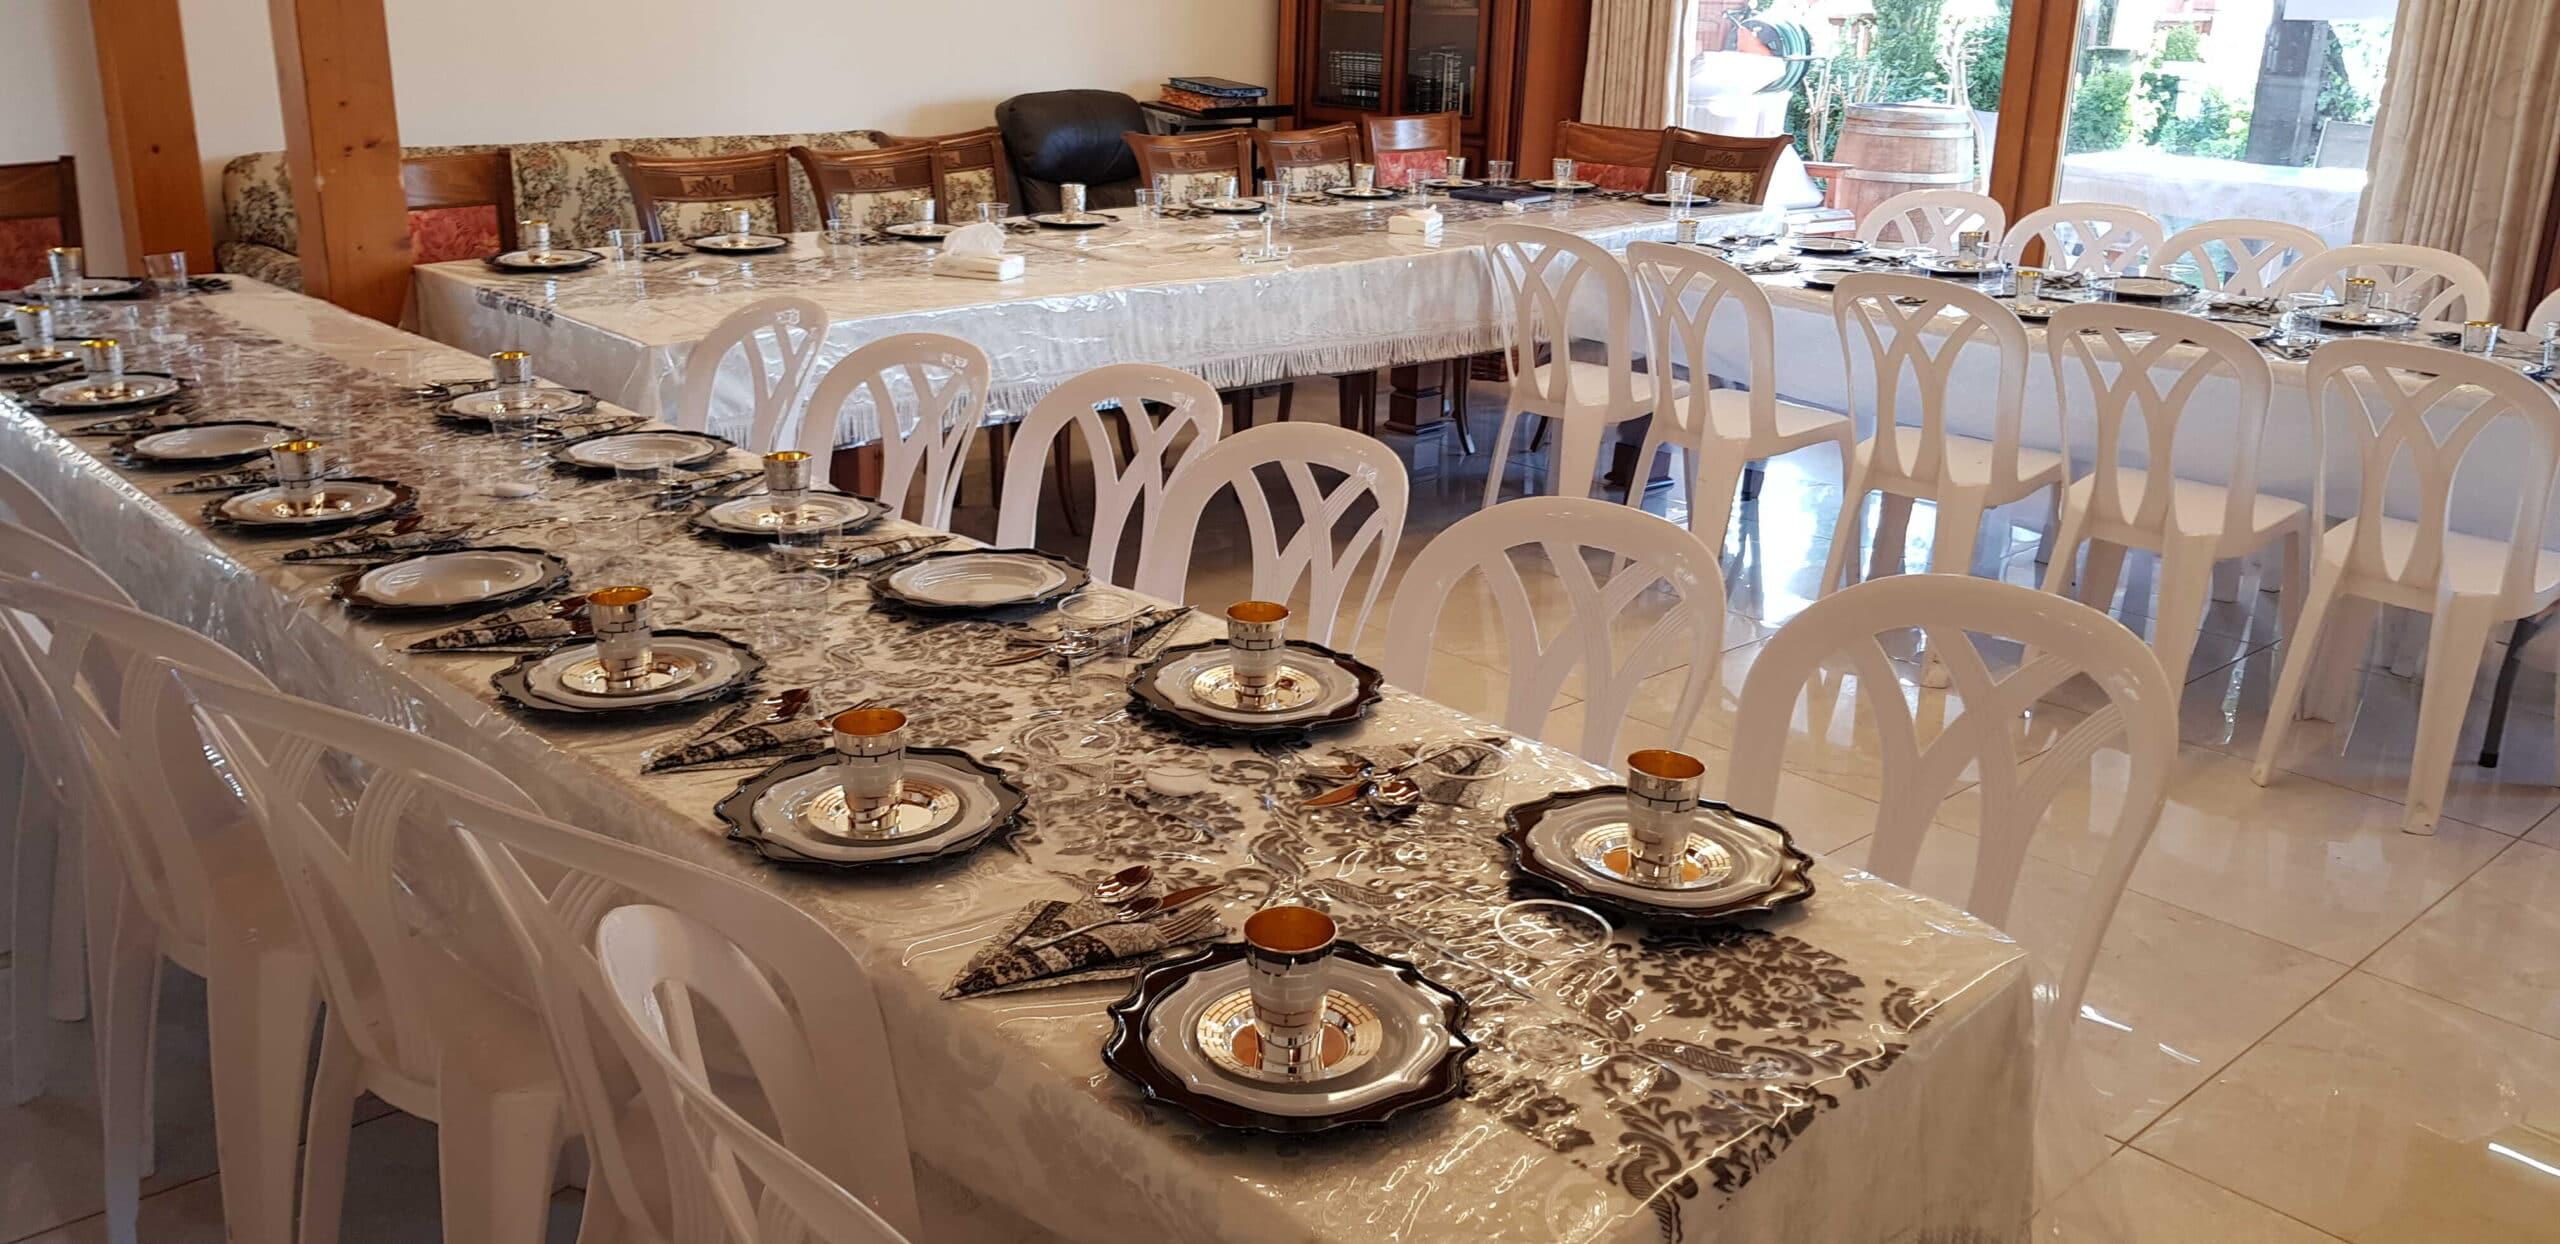 """באחוזה השוויצרית תוכלו לחוות את הנופש המושלם והאידיאלי ביותר בארץ ישראל. בהרי הגליל במרומי הר כנען שבצפת מחכה לכם אחוזה יוקרתית בת 500 מ""""ר."""